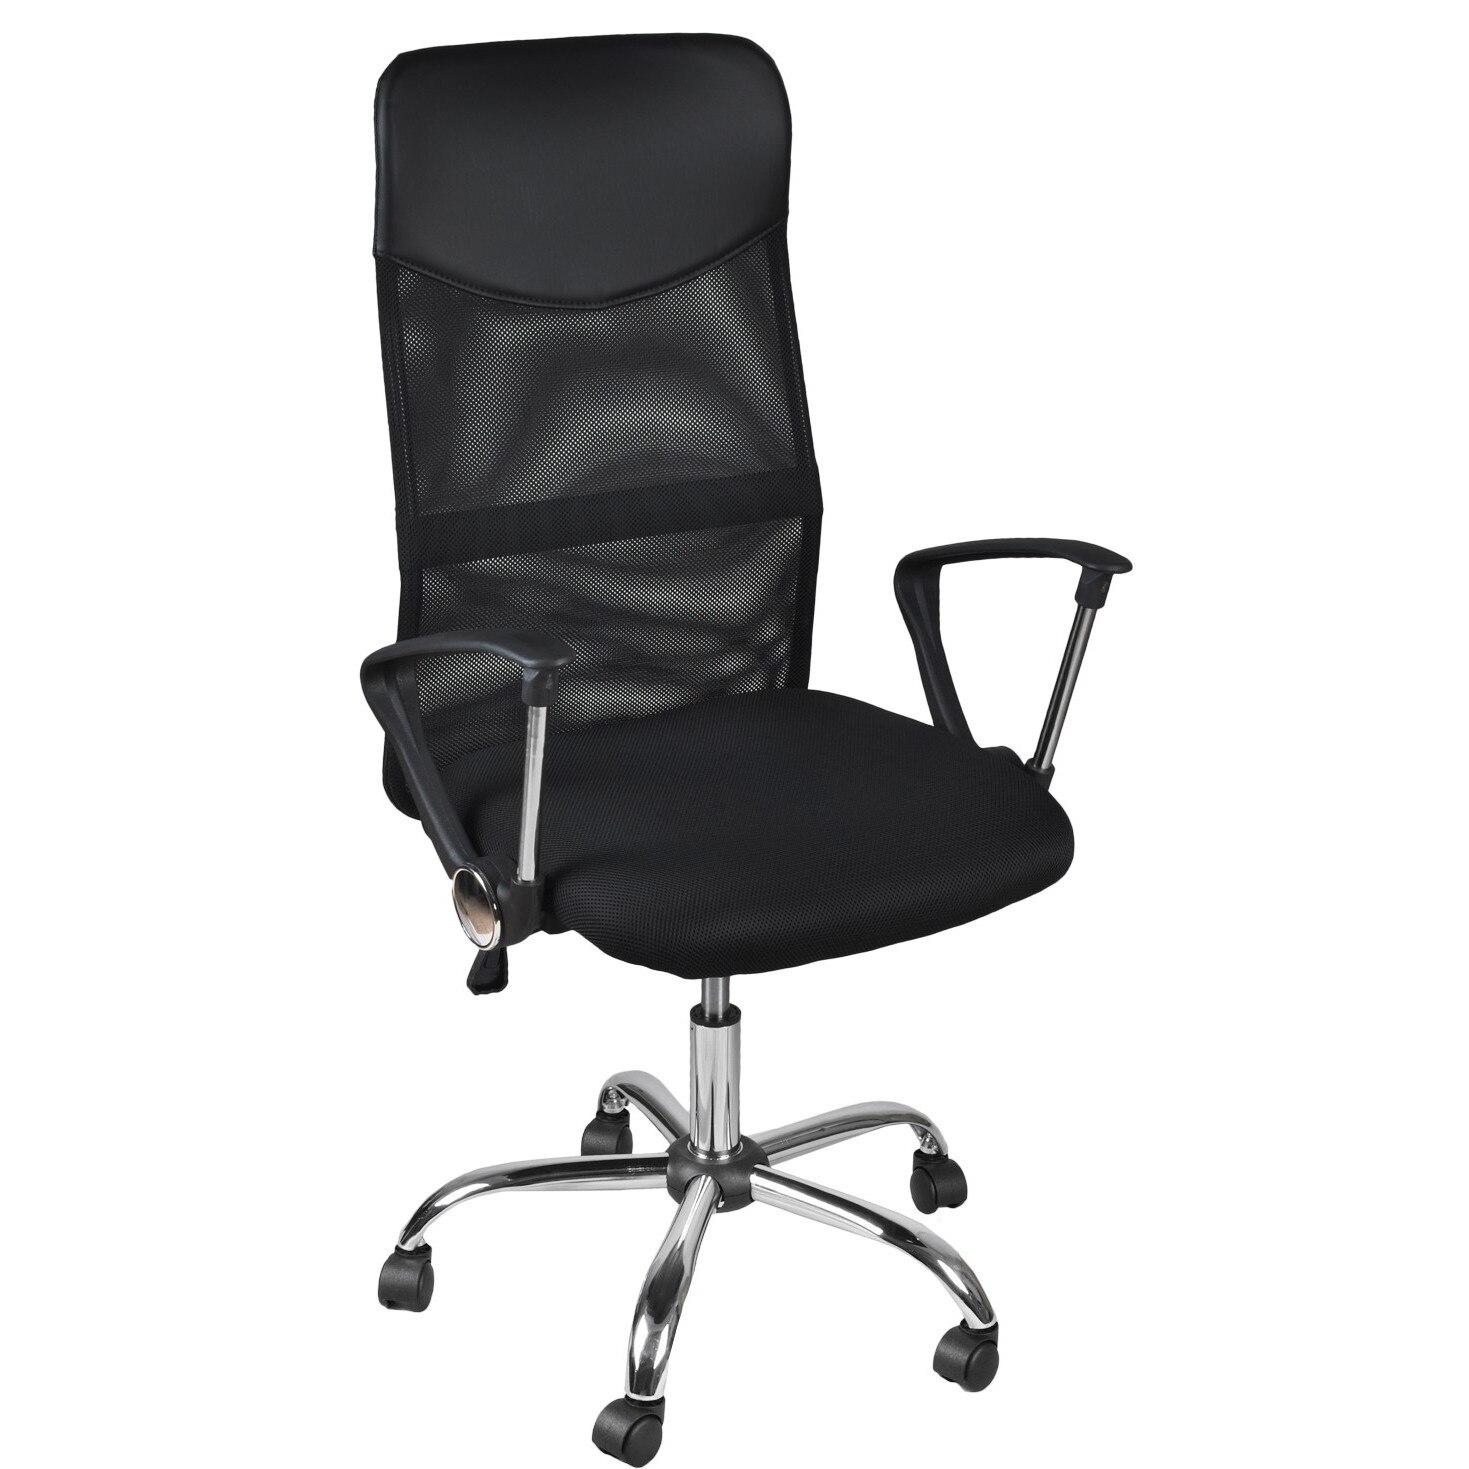 Fotel Biurowy Obrotowy Krzesło Biurka Mikrosiatka 2727